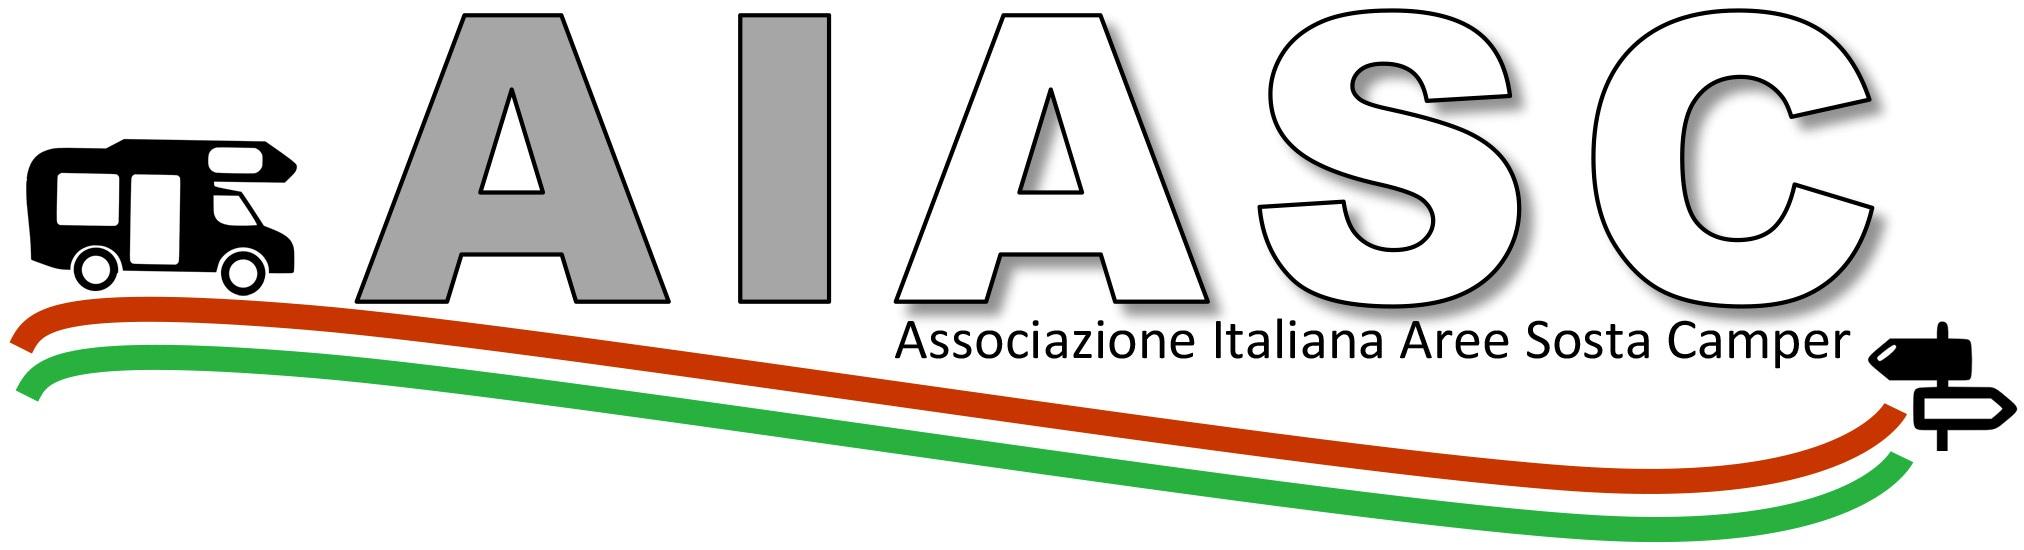 AIASC logo